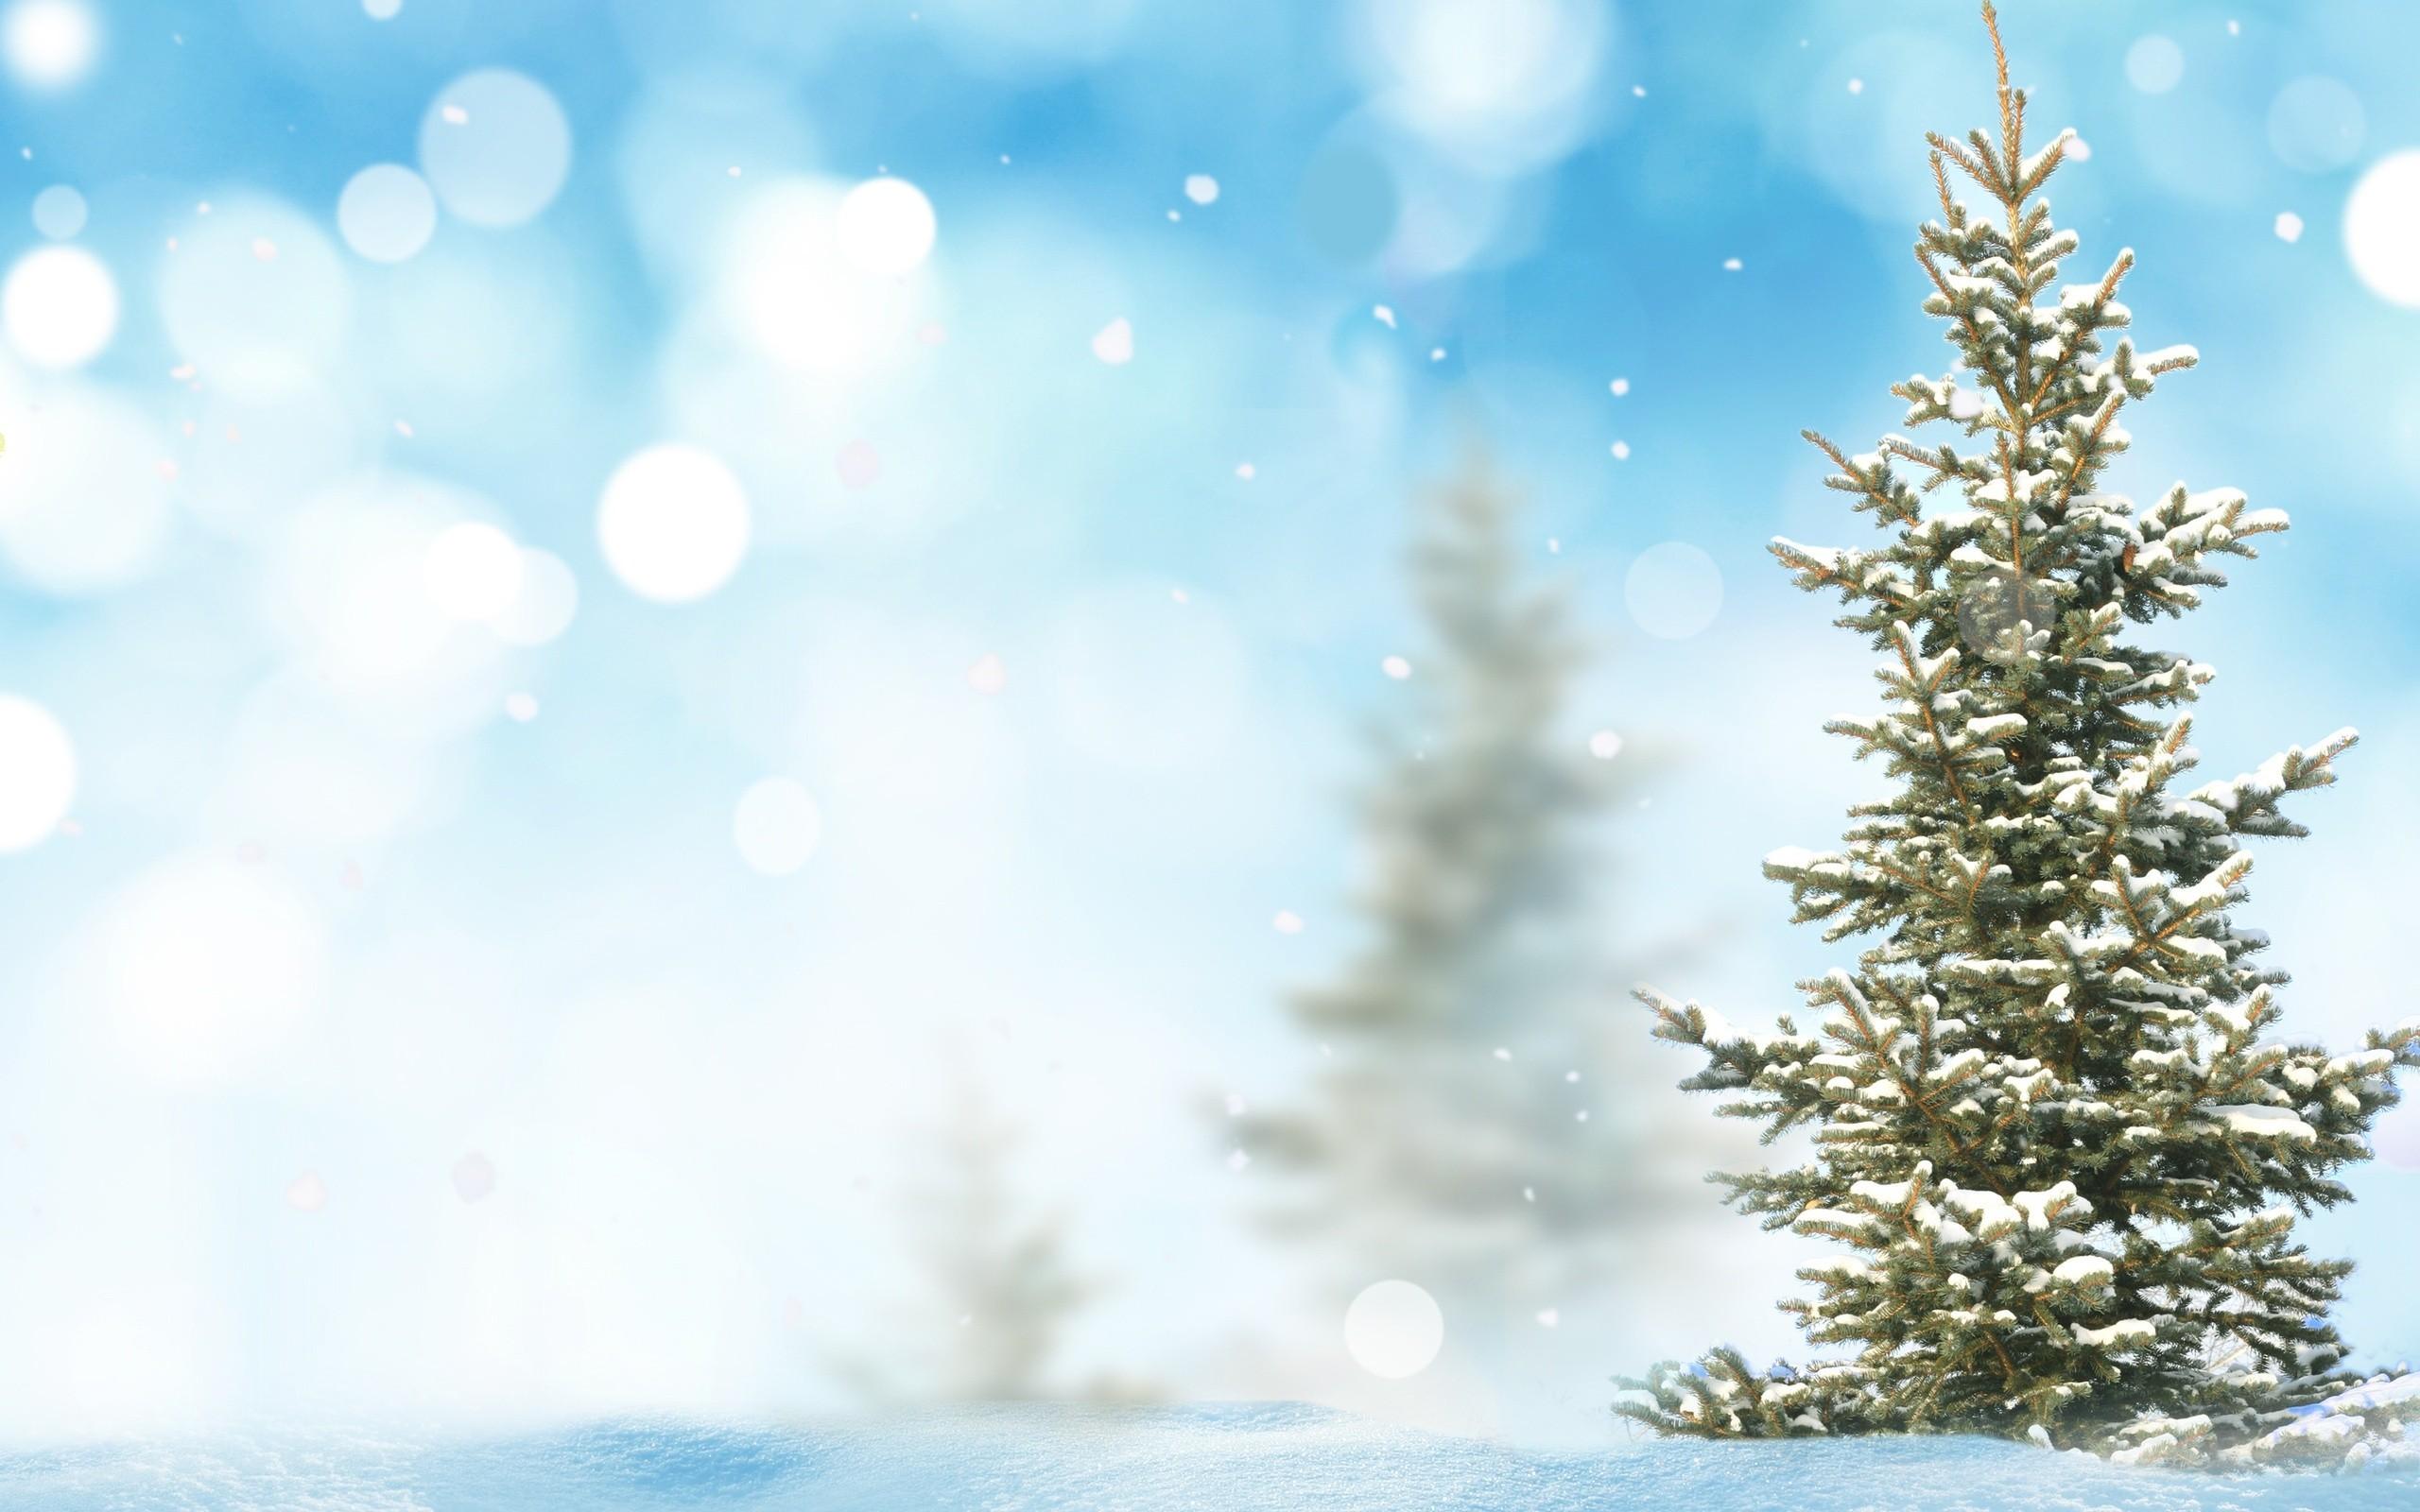 Фоны картинки зимние